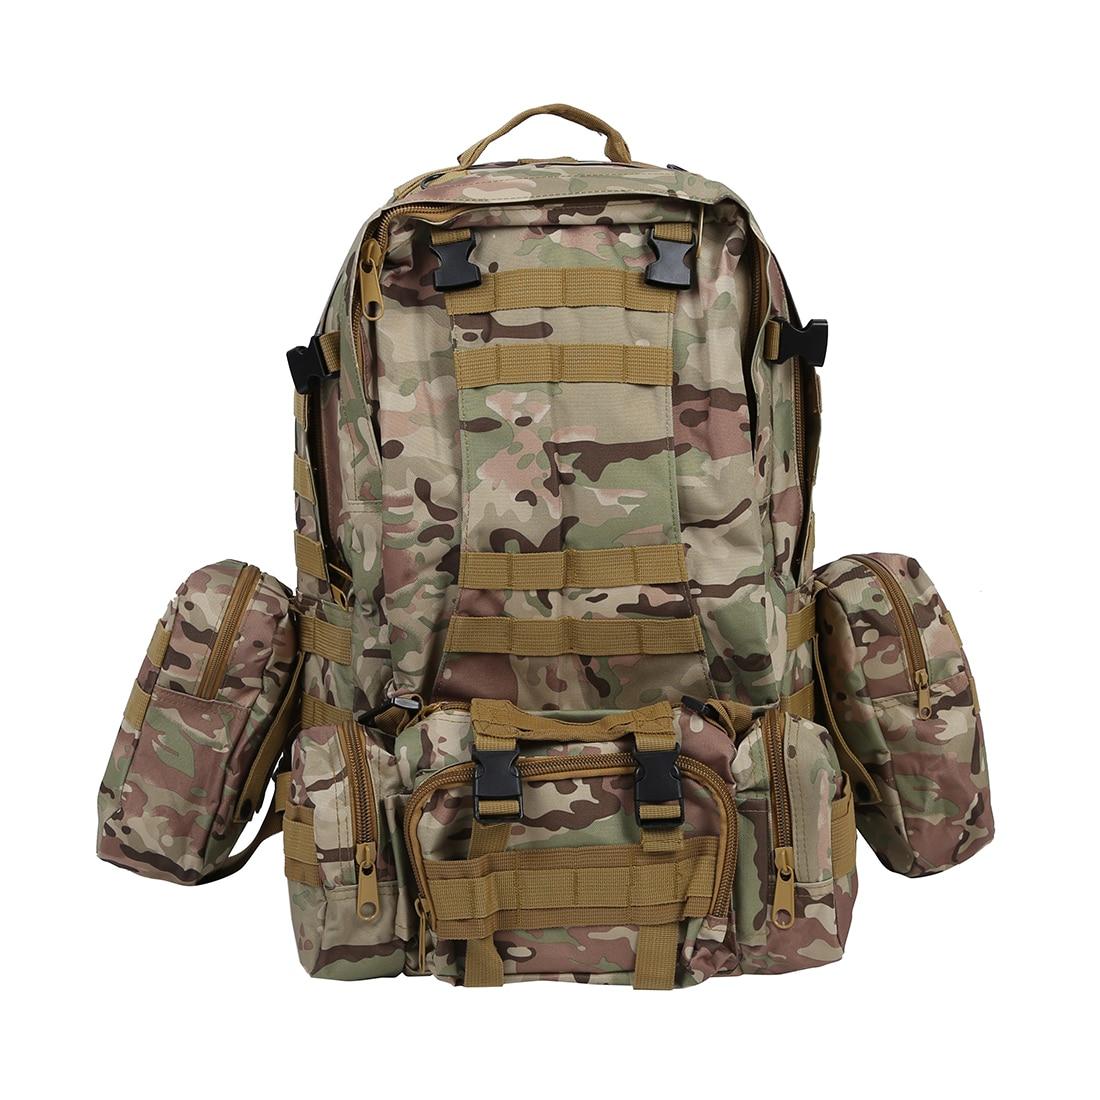 Prix pour 50 L 3 Jours D'assaut Tactique Militaire Extérieure À Dos sac à dos Camping sac-CP Camouflage/AUC Camouflage/Noir